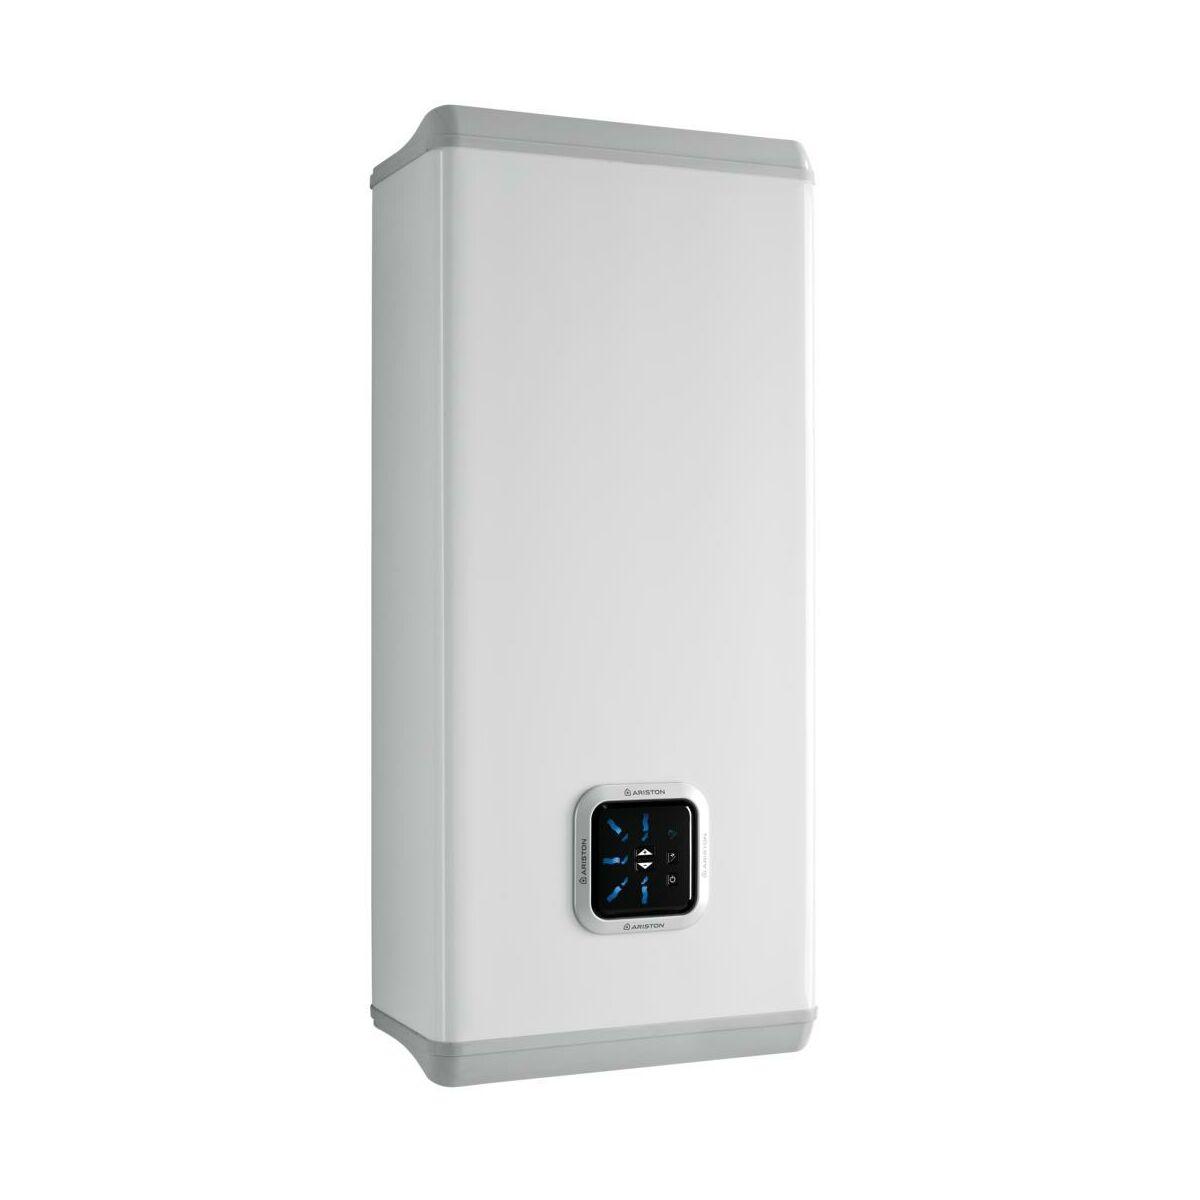 elektryczny pojemno ciowy ogrzewacz wody velis 100l ariston pojemno ciowe elektryczne w. Black Bedroom Furniture Sets. Home Design Ideas